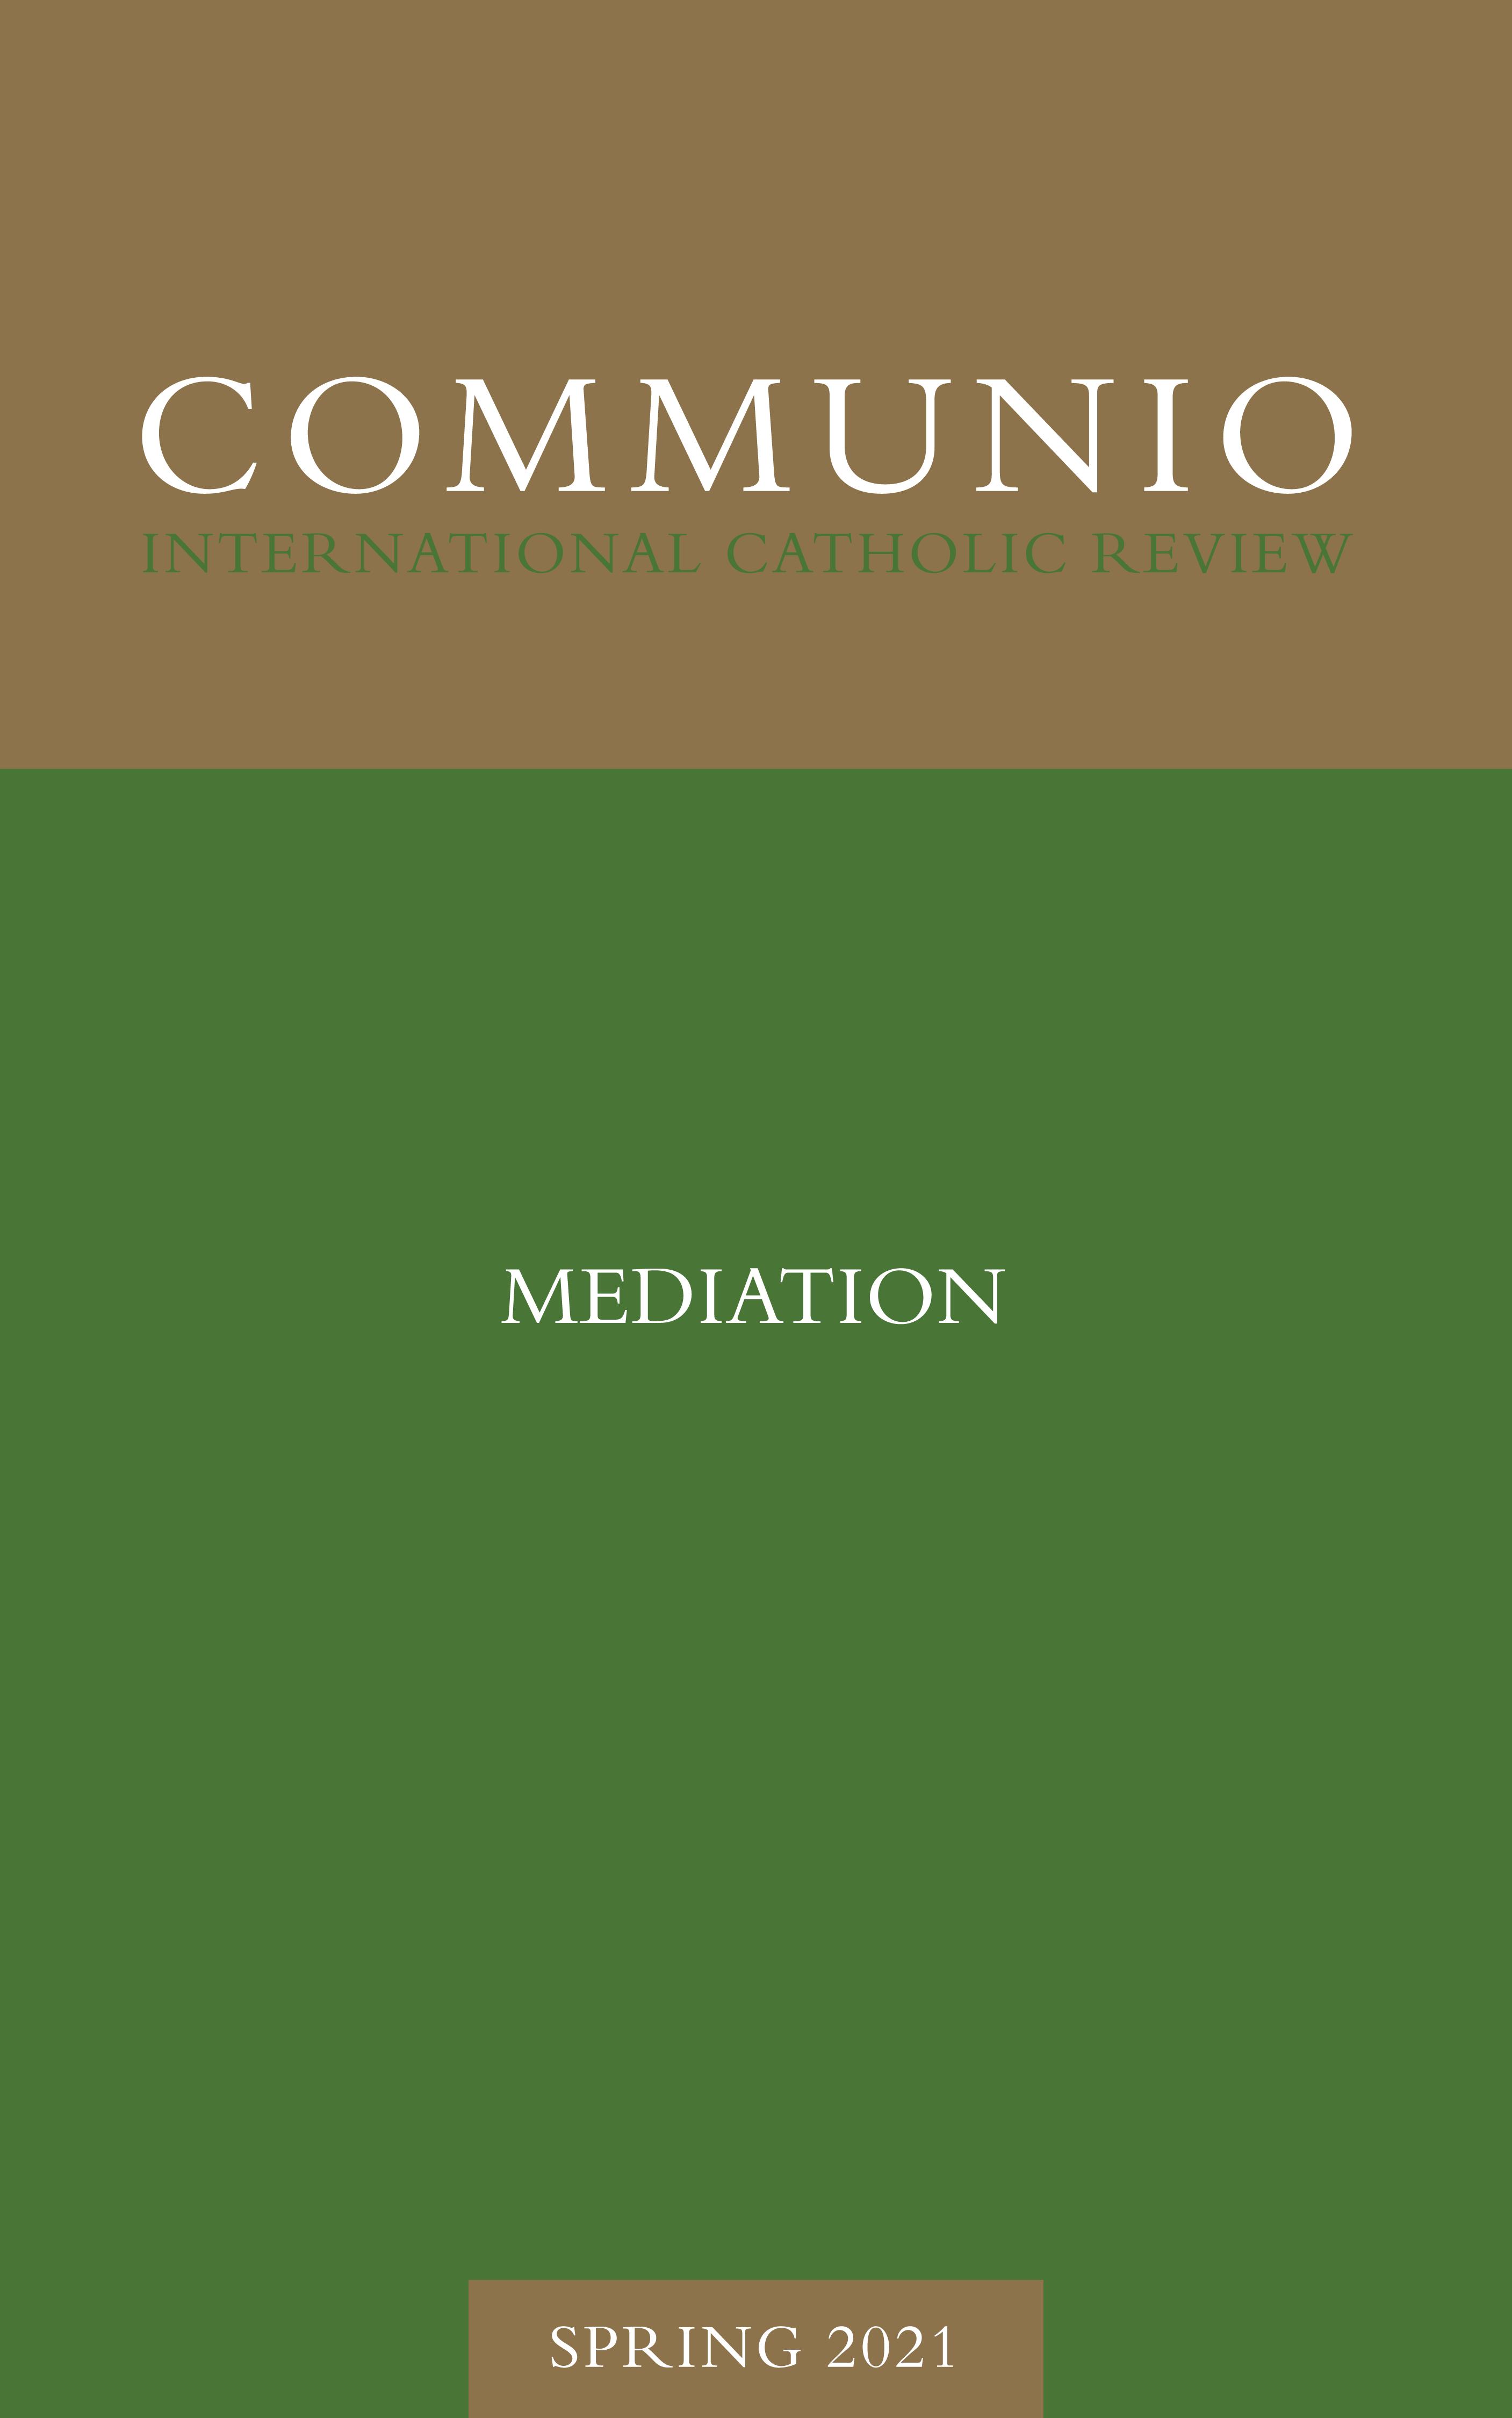 Communio - Spring 2021 - Mediation